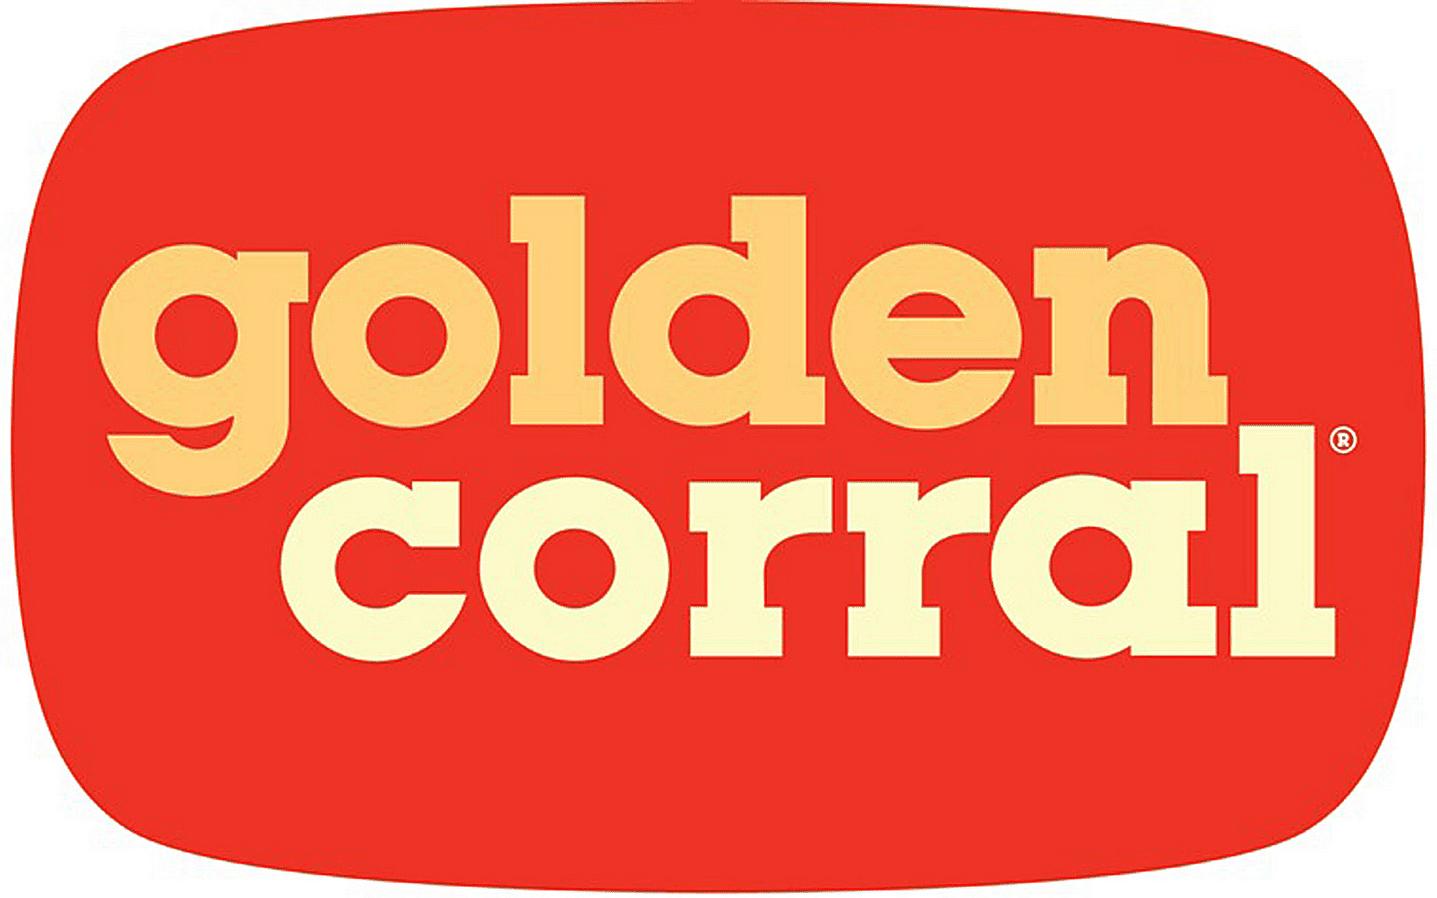 Golden Corral logo